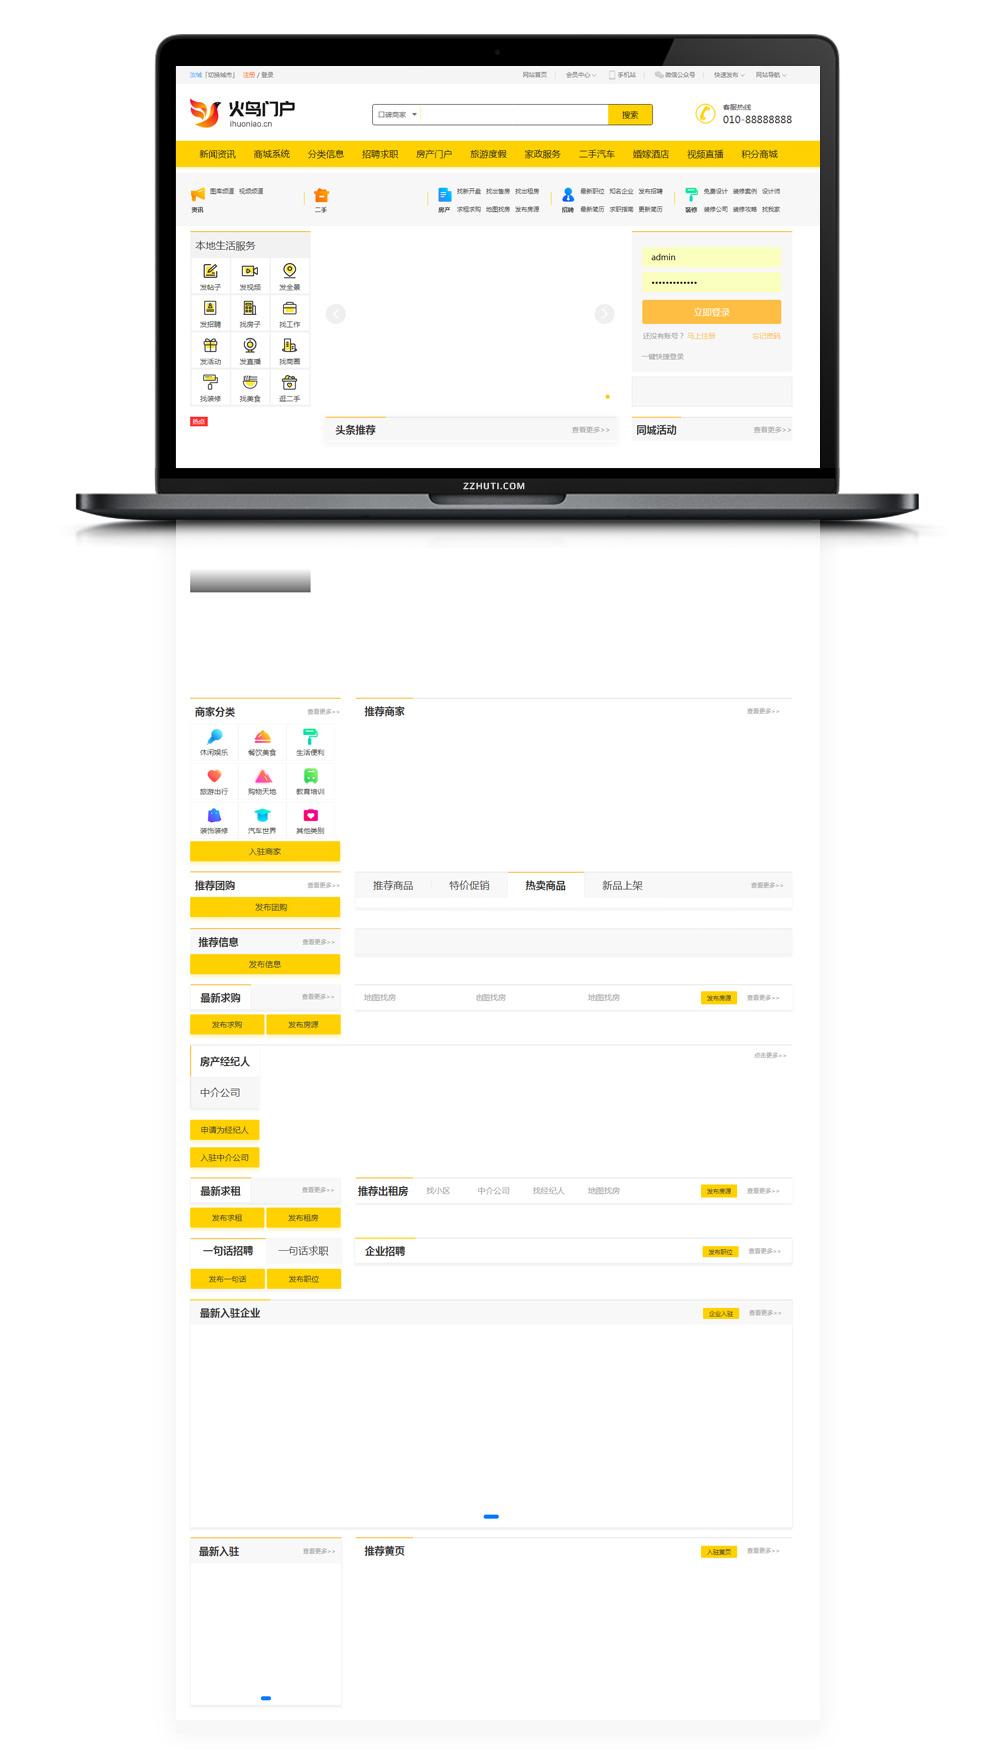 【火鸟门户系统V4.70】2020完整版火鸟系统全功能版五端同步详细的安卓苹果双端与小程序[带安装教程]